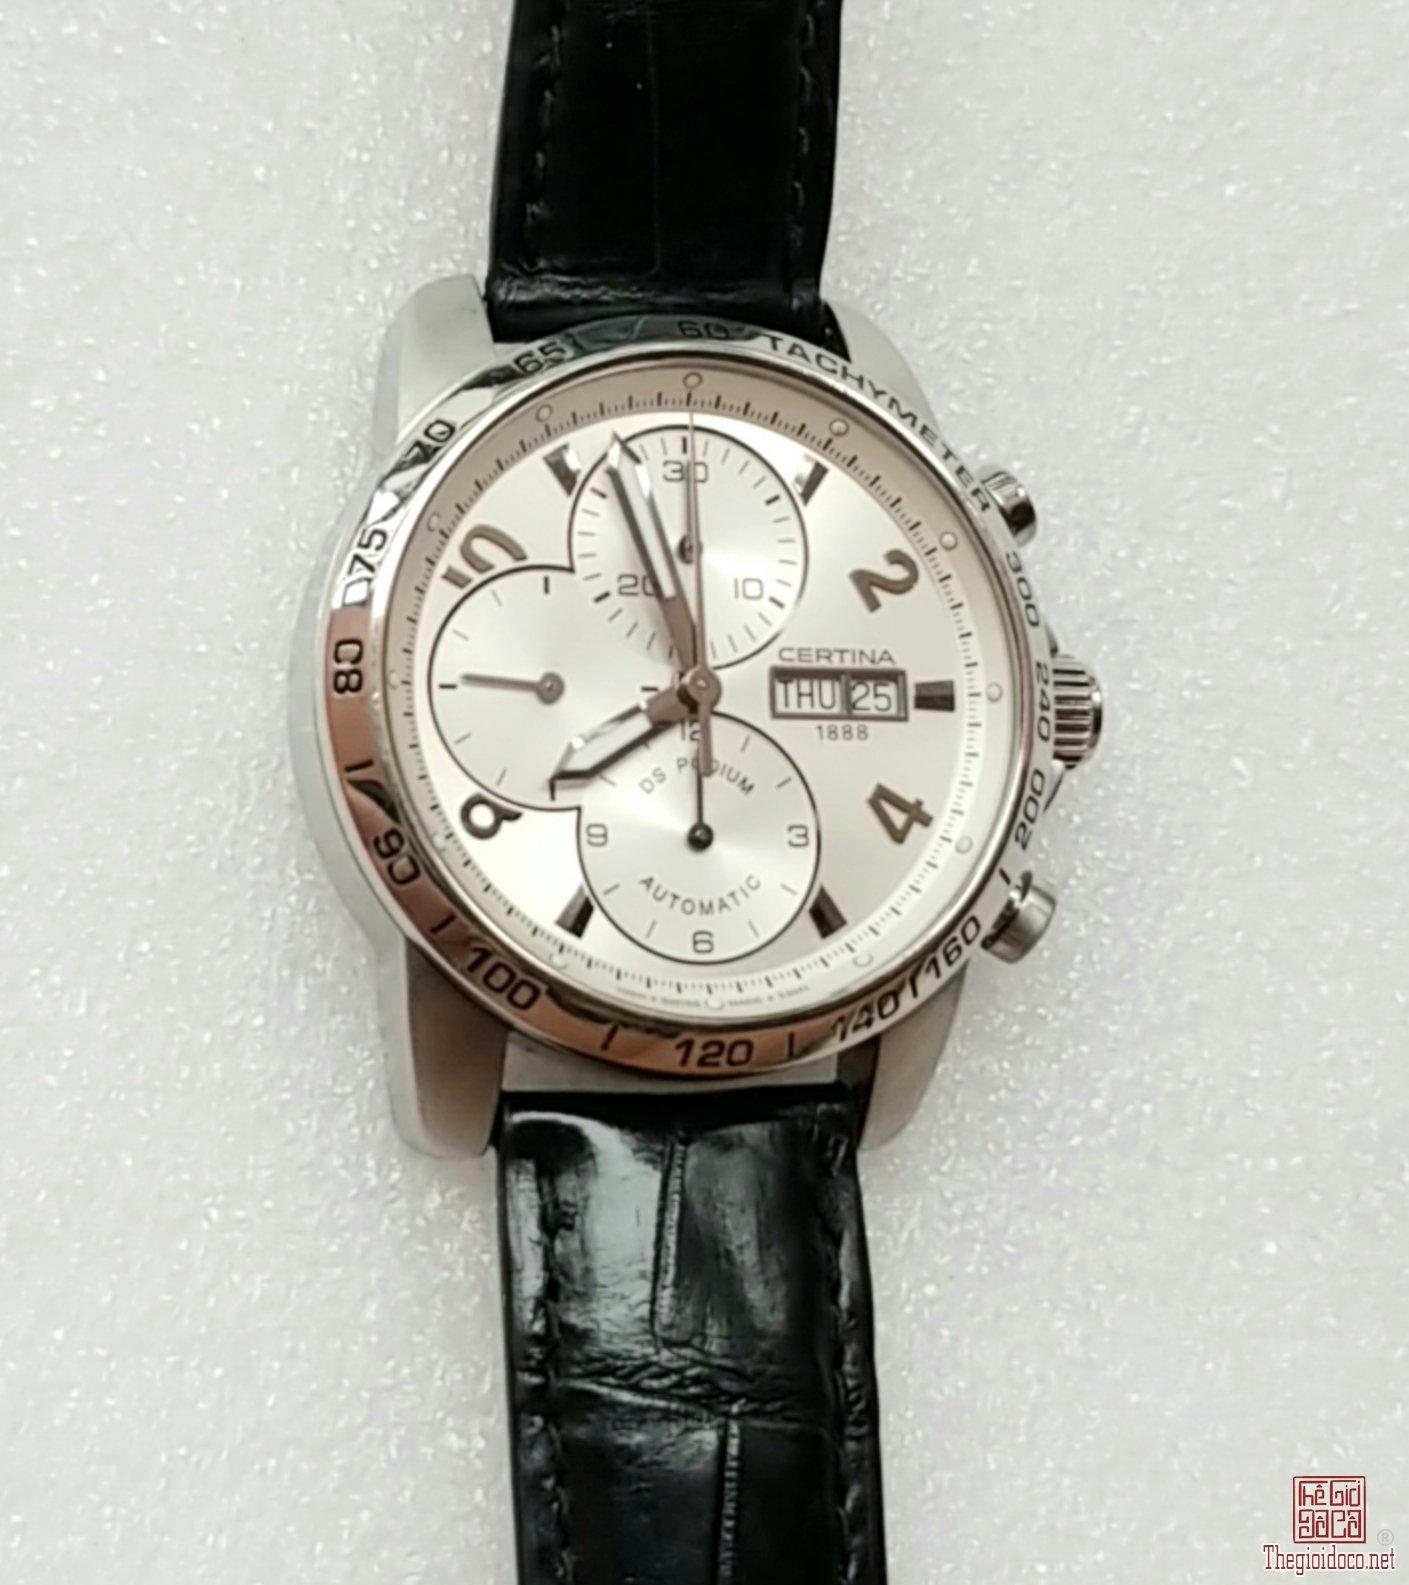 Đồng hồ tự động CERTINA 1888 TACHYMETER